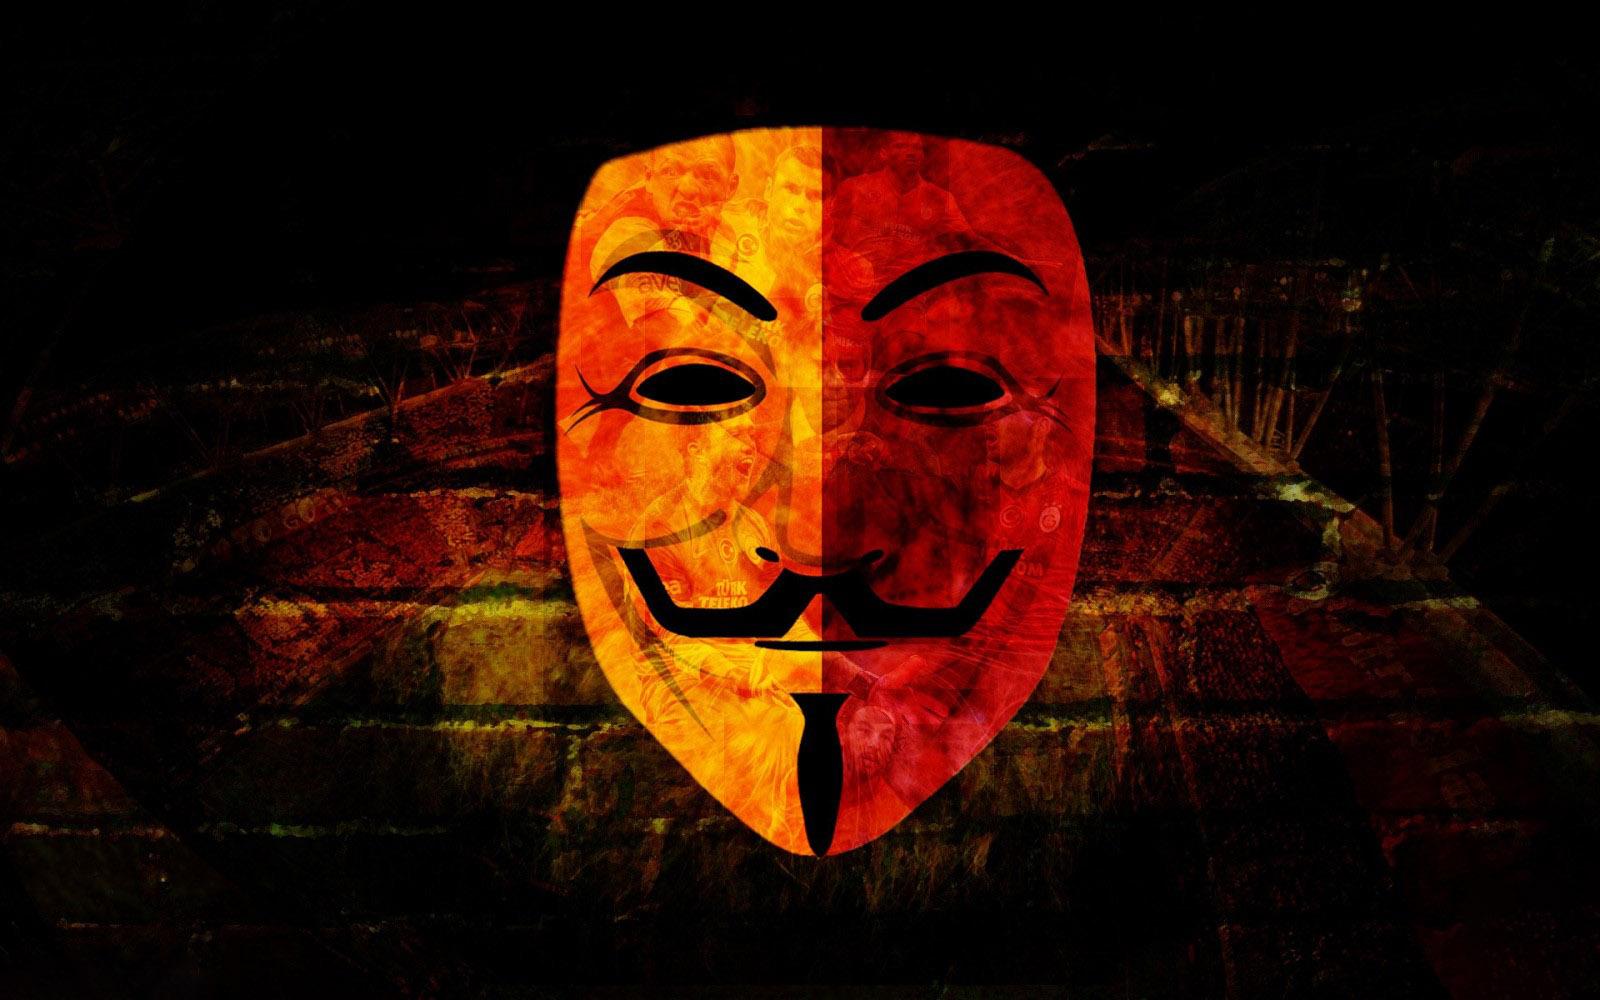 Hình nền mặt nạ Hacker